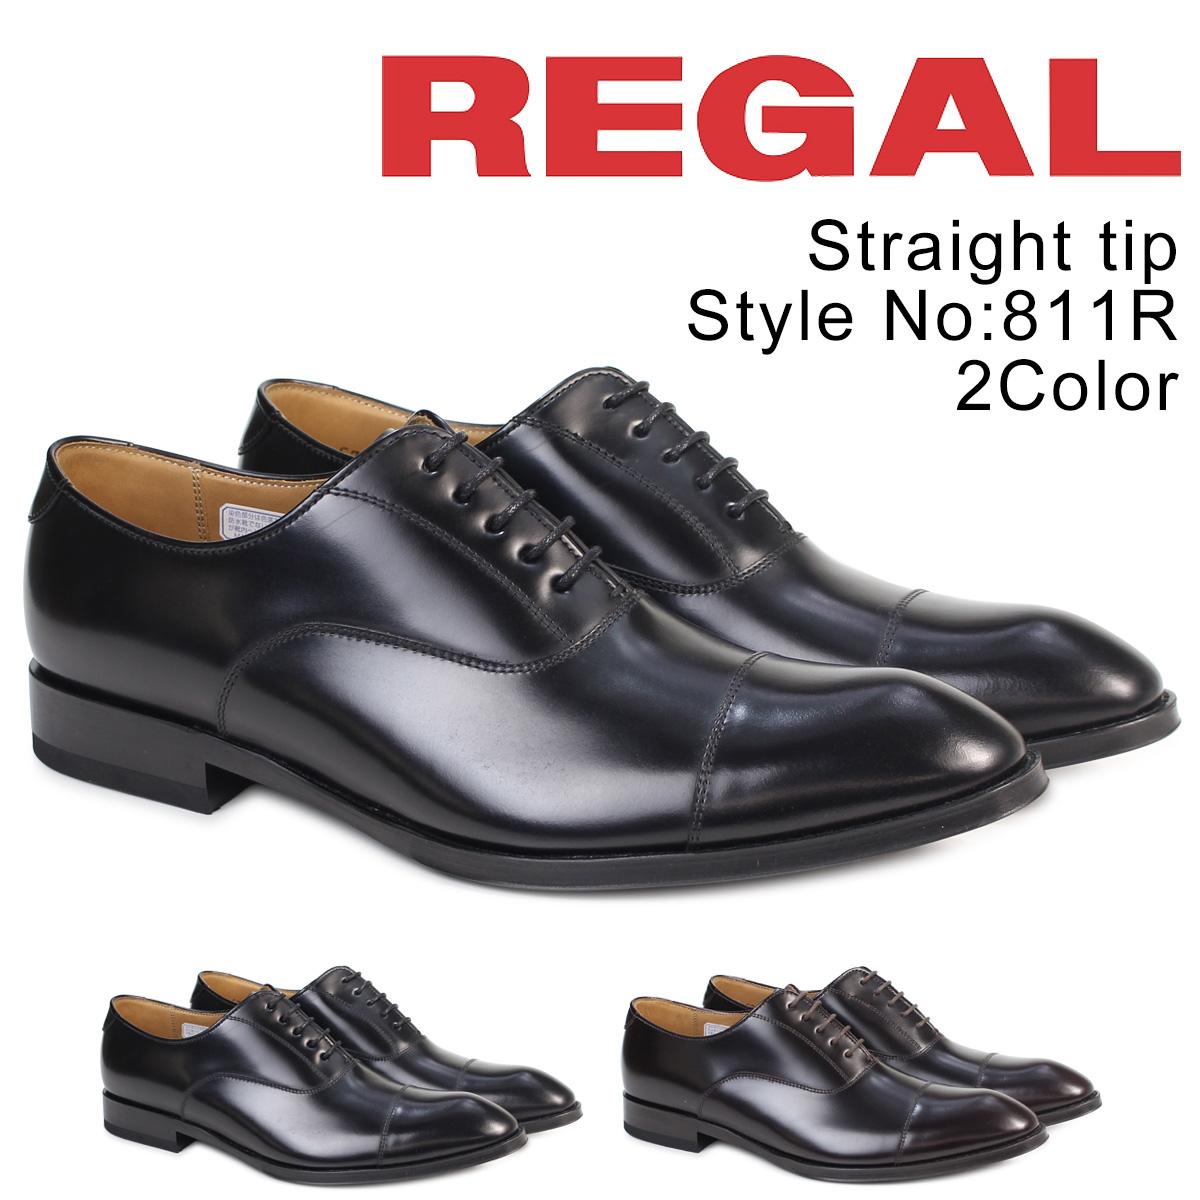 【お買い物マラソンSALE】 リーガル REGAL 靴 メンズ ストレートチップ 811RAL ビジネスシューズ